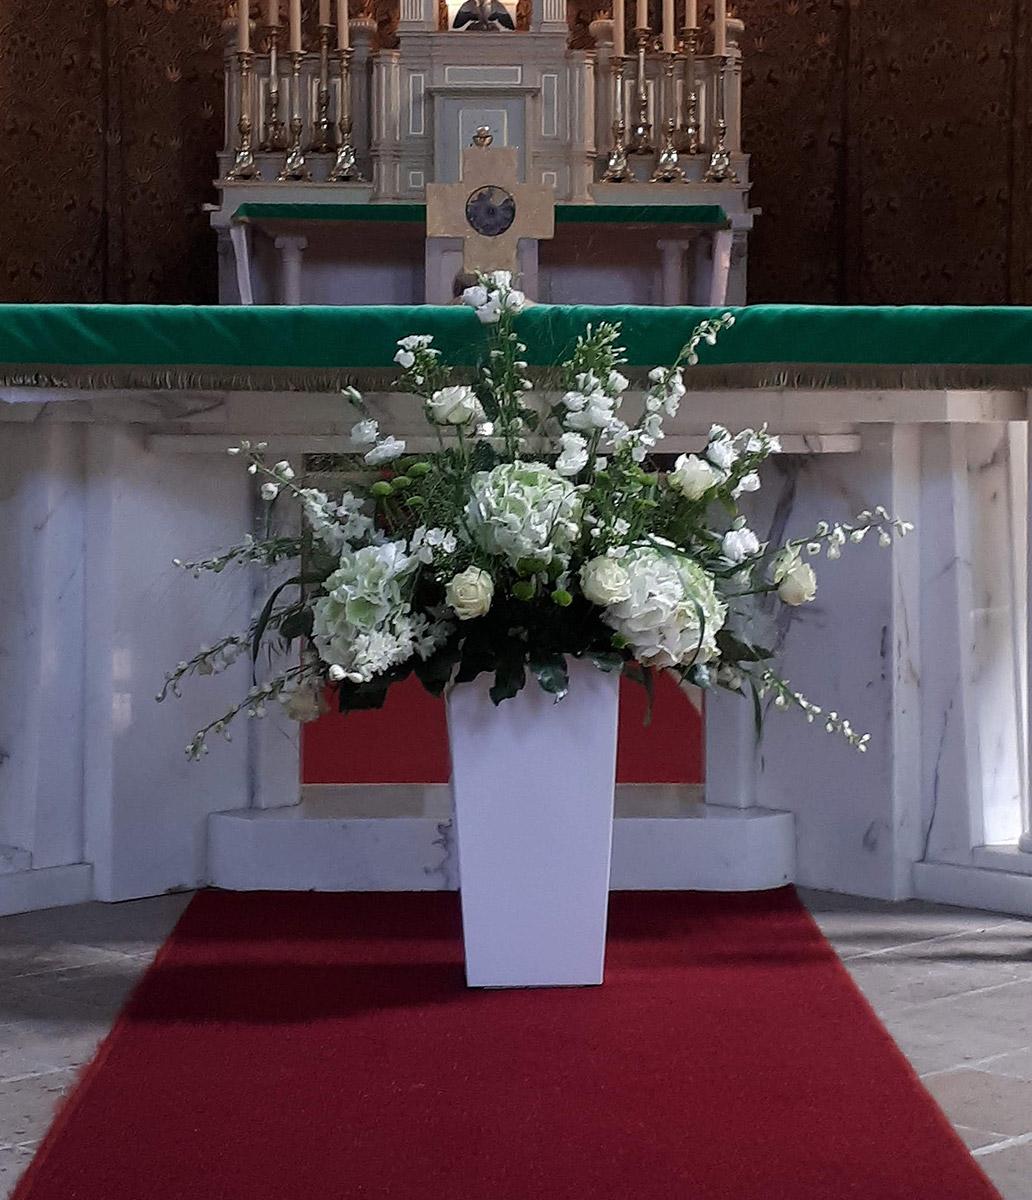 Kirchen Hochzeit Blumentopf weisse Rosen